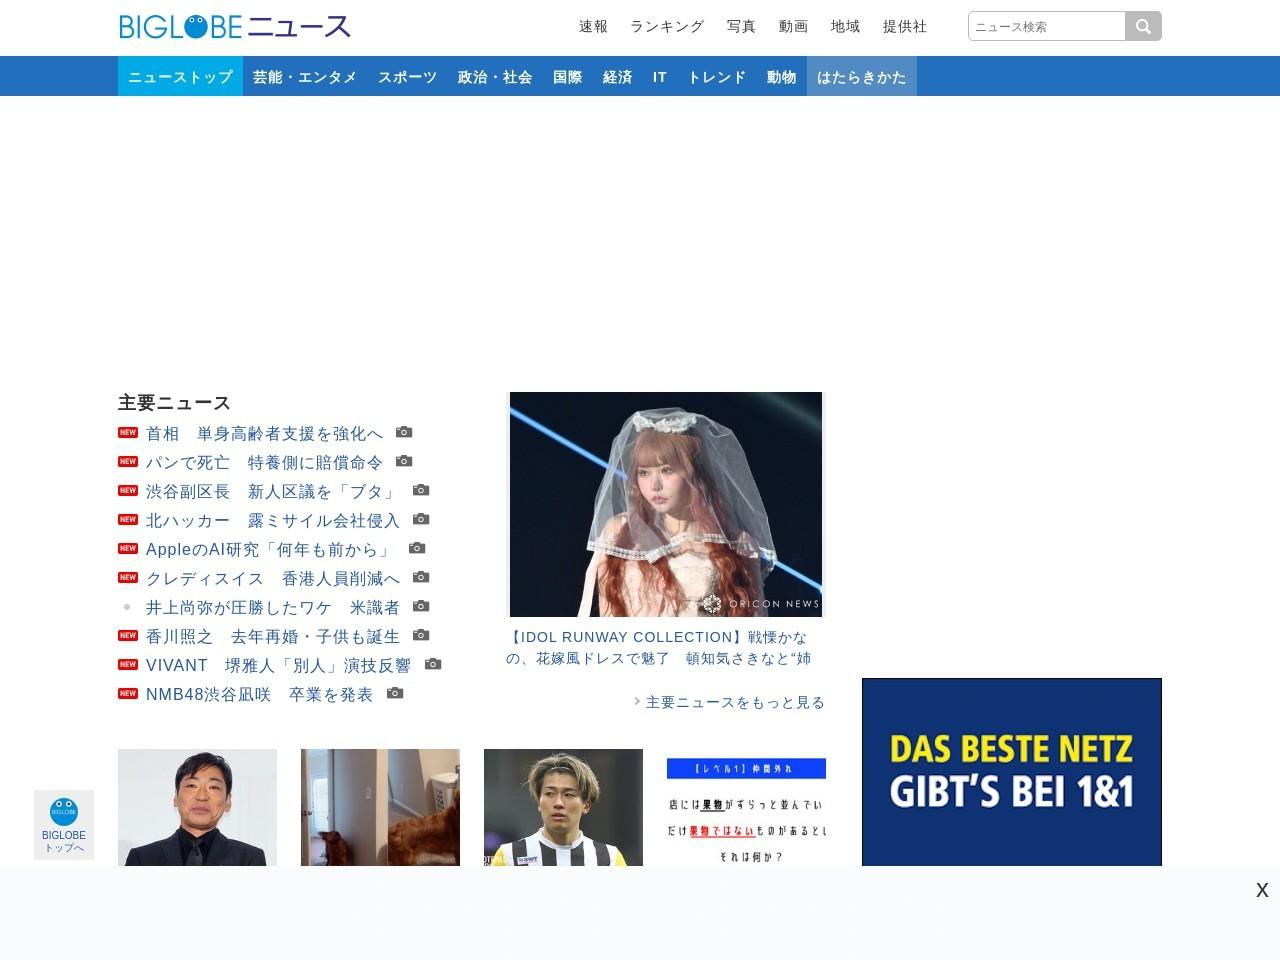 QS世界大学ランキング2019 – 東京大学が最高位を更新し23位に